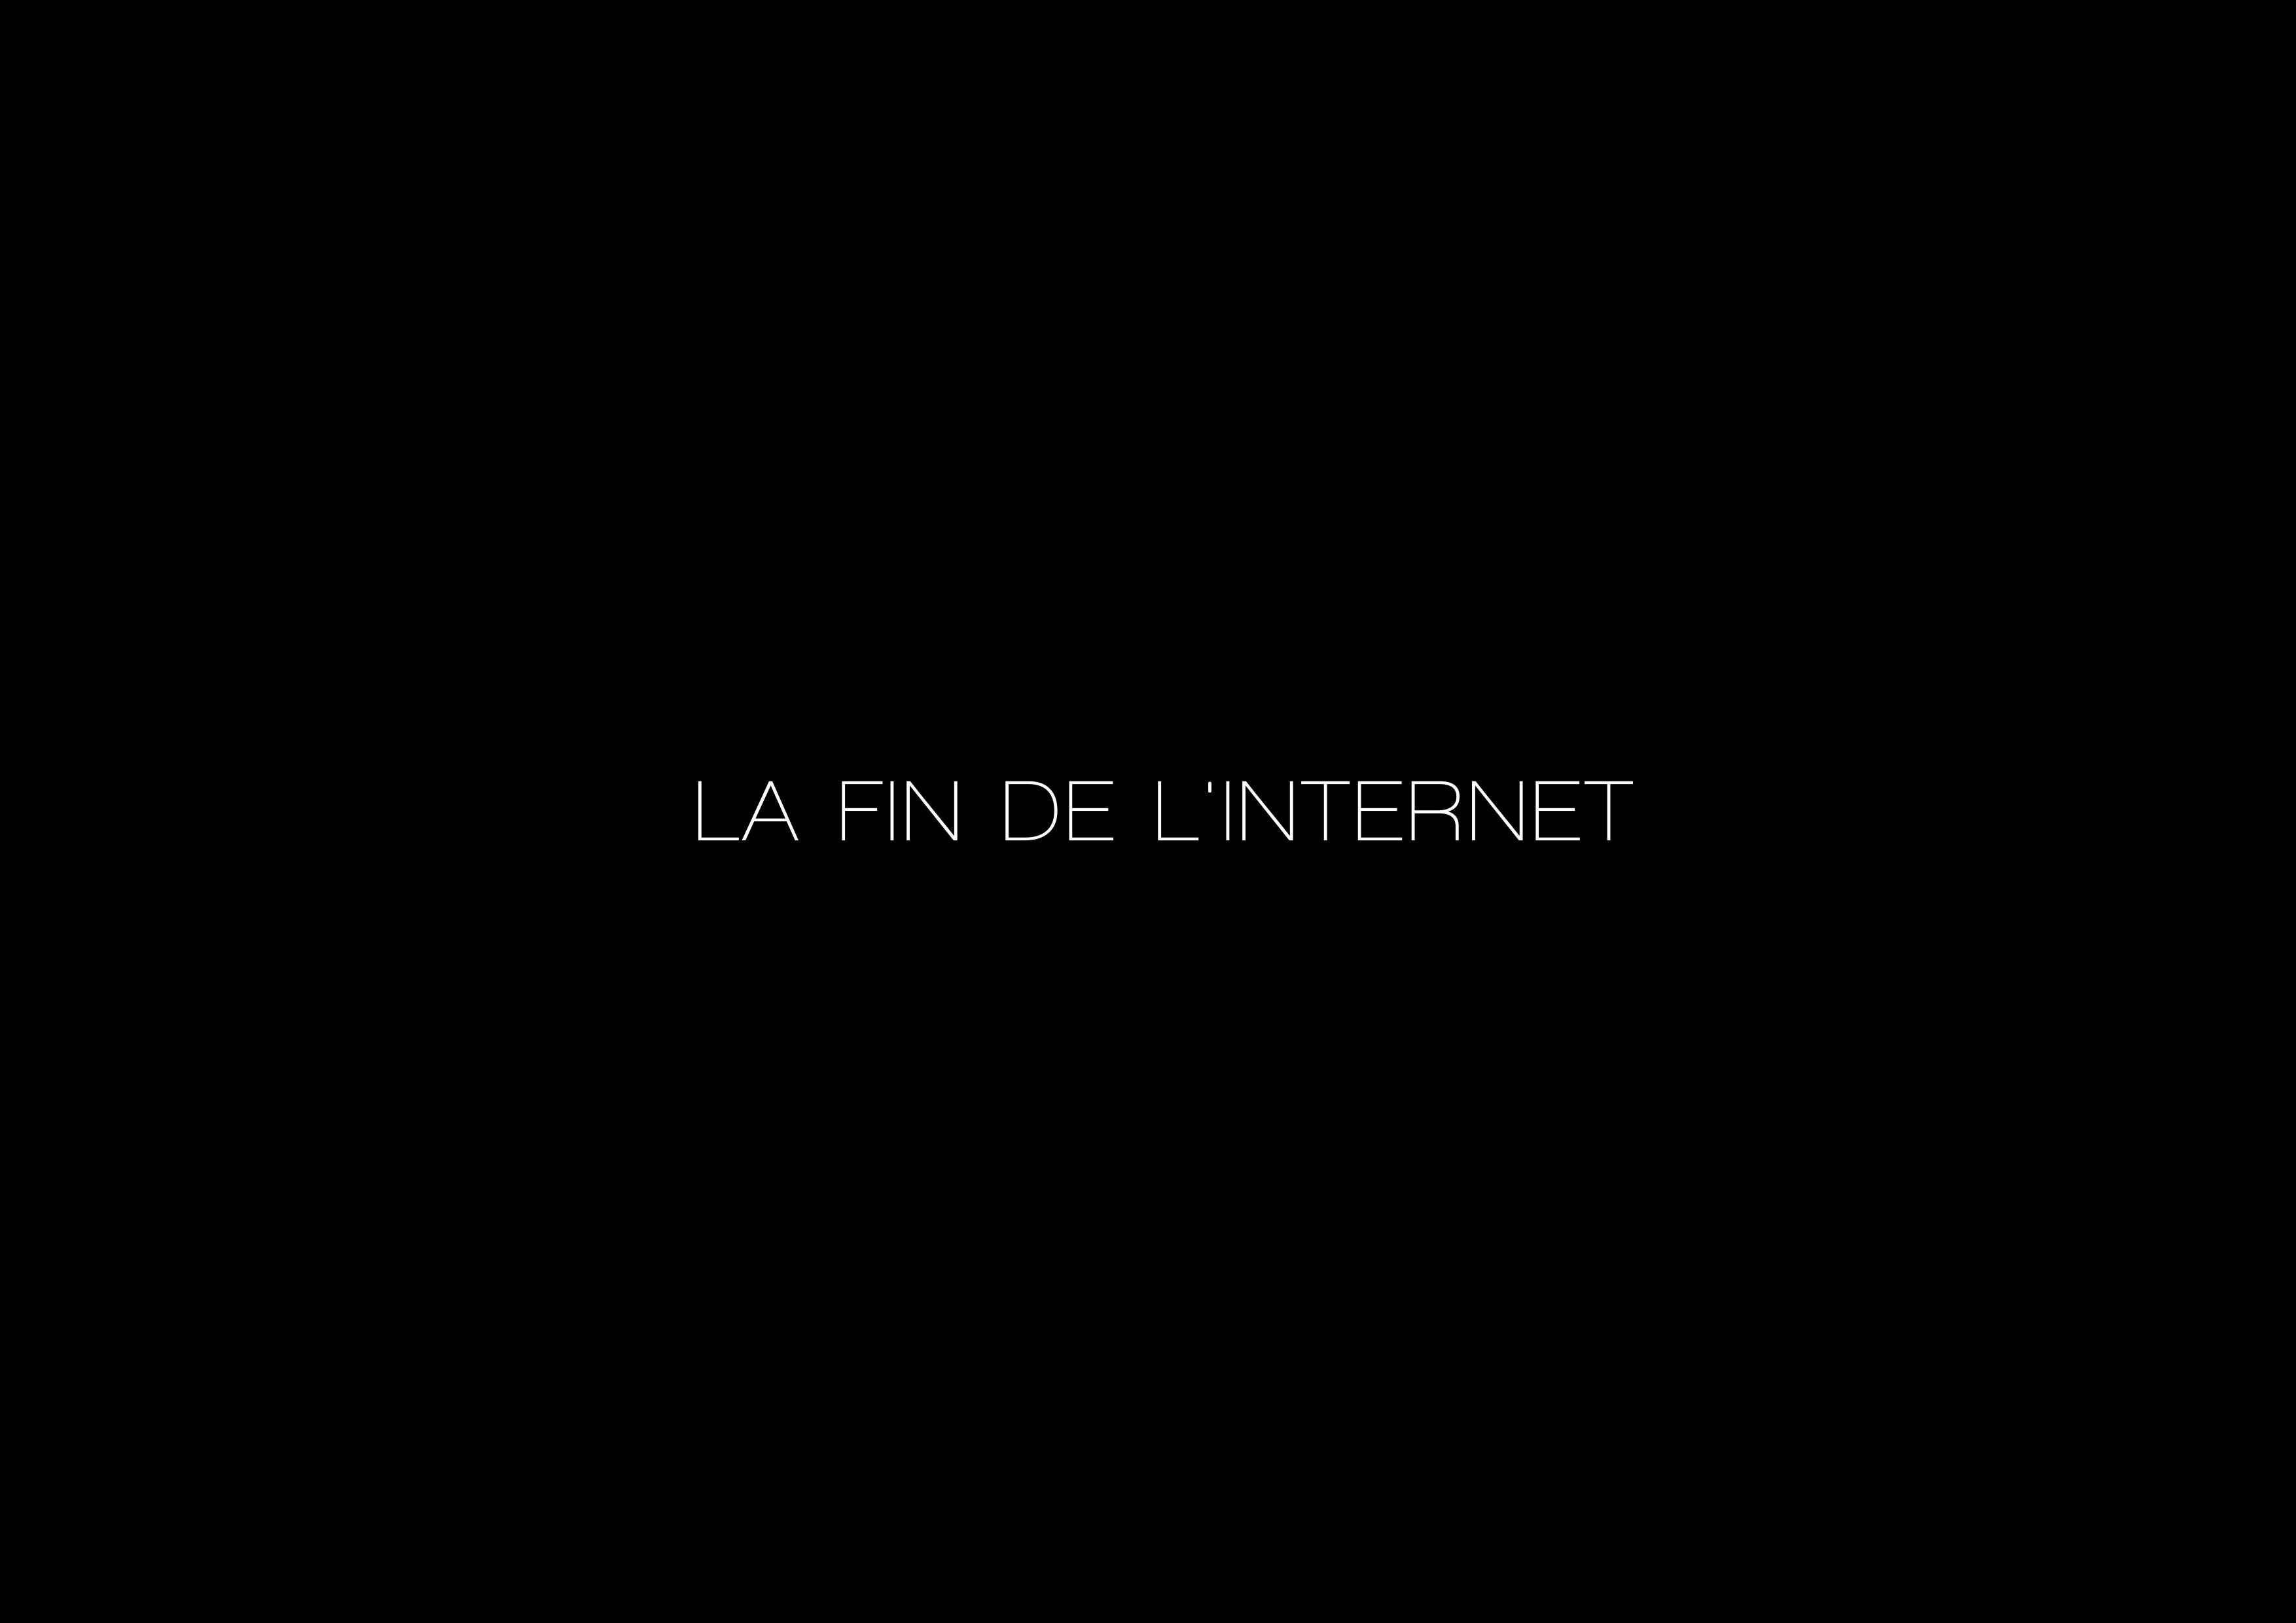 La fin de l'internet